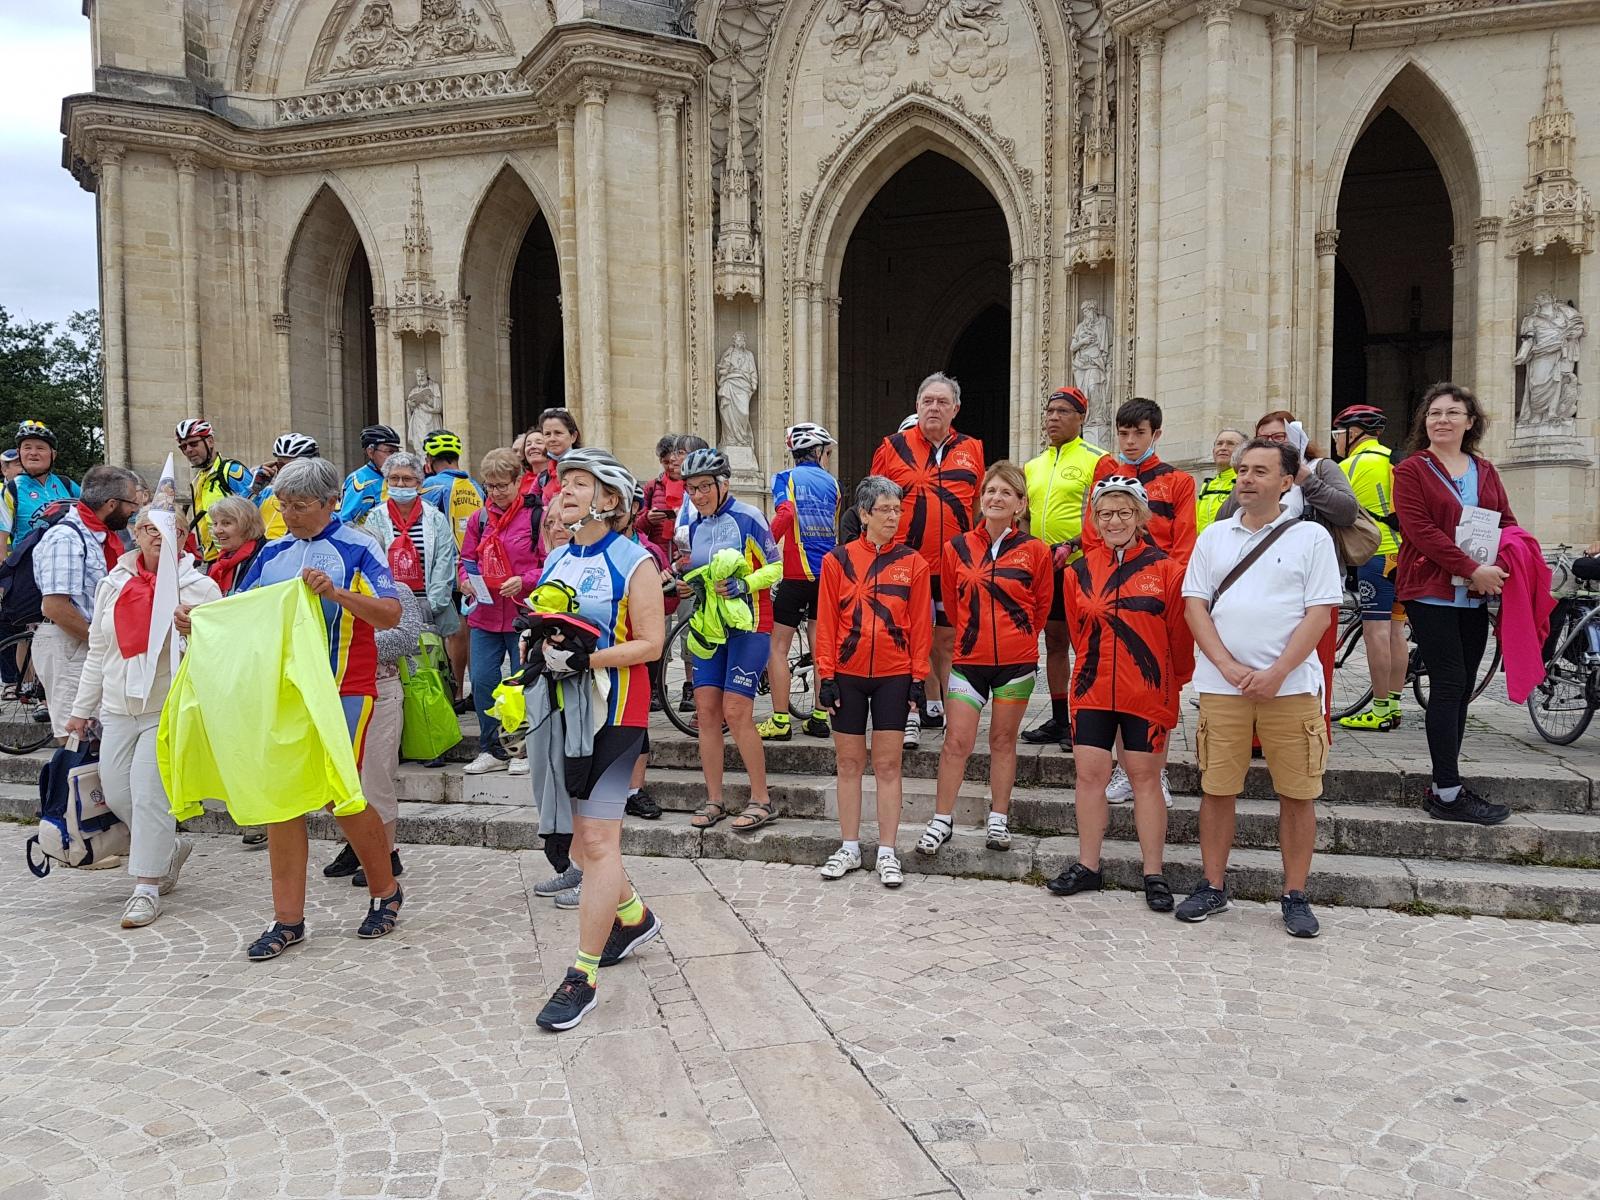 20210703_091007-Pietons-et-cyclos-prets-a-rejoindre-leurs-groupes